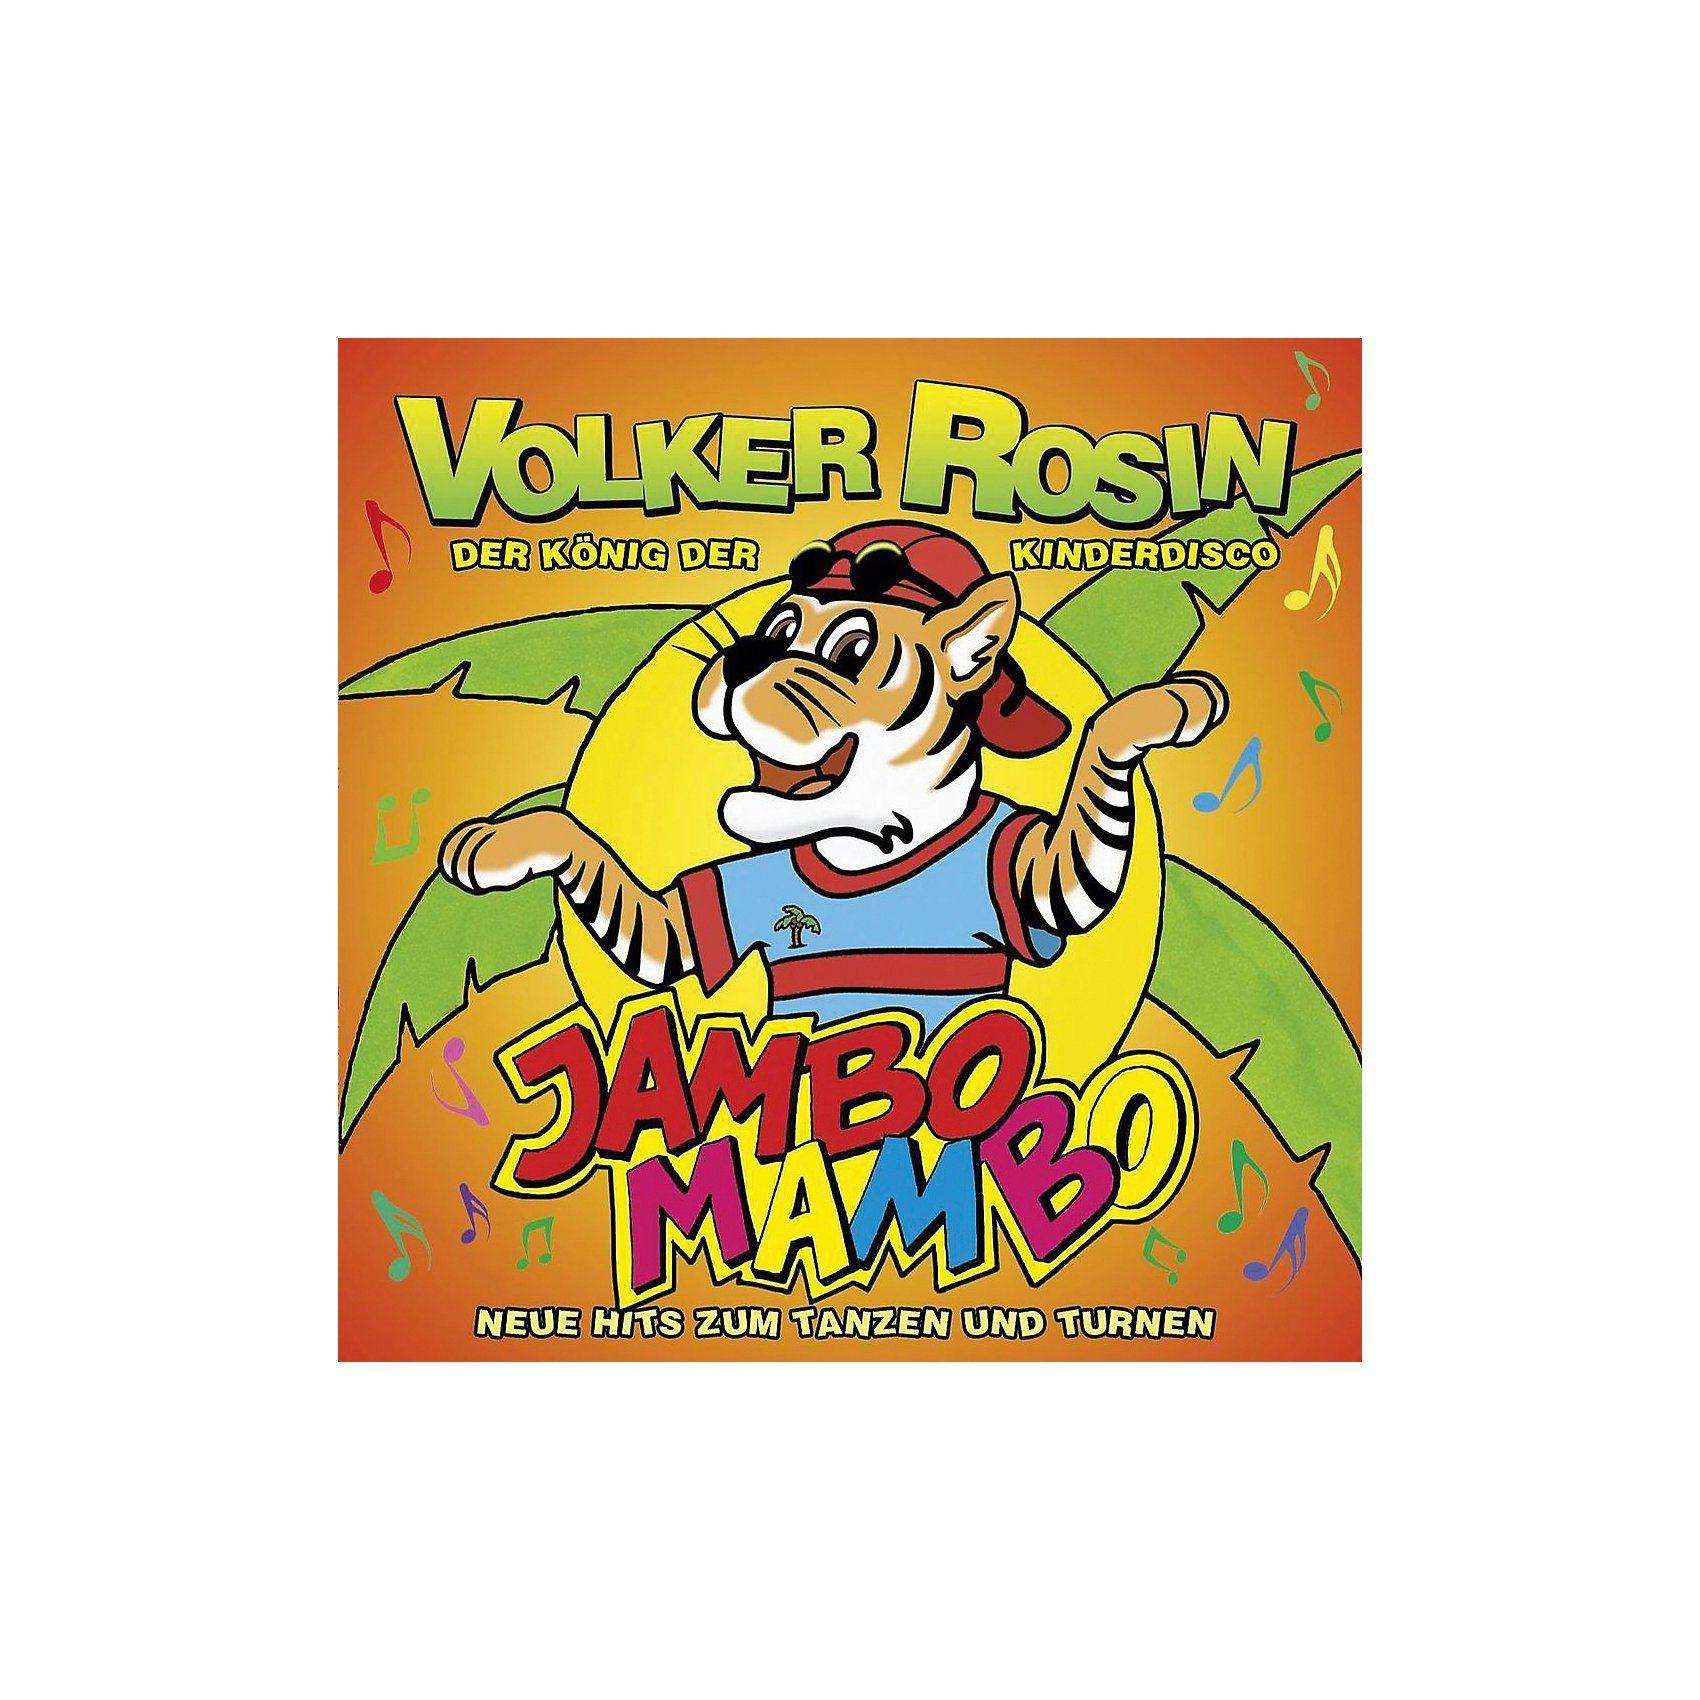 Universal CD Volker Rosin - Jambo Mambo